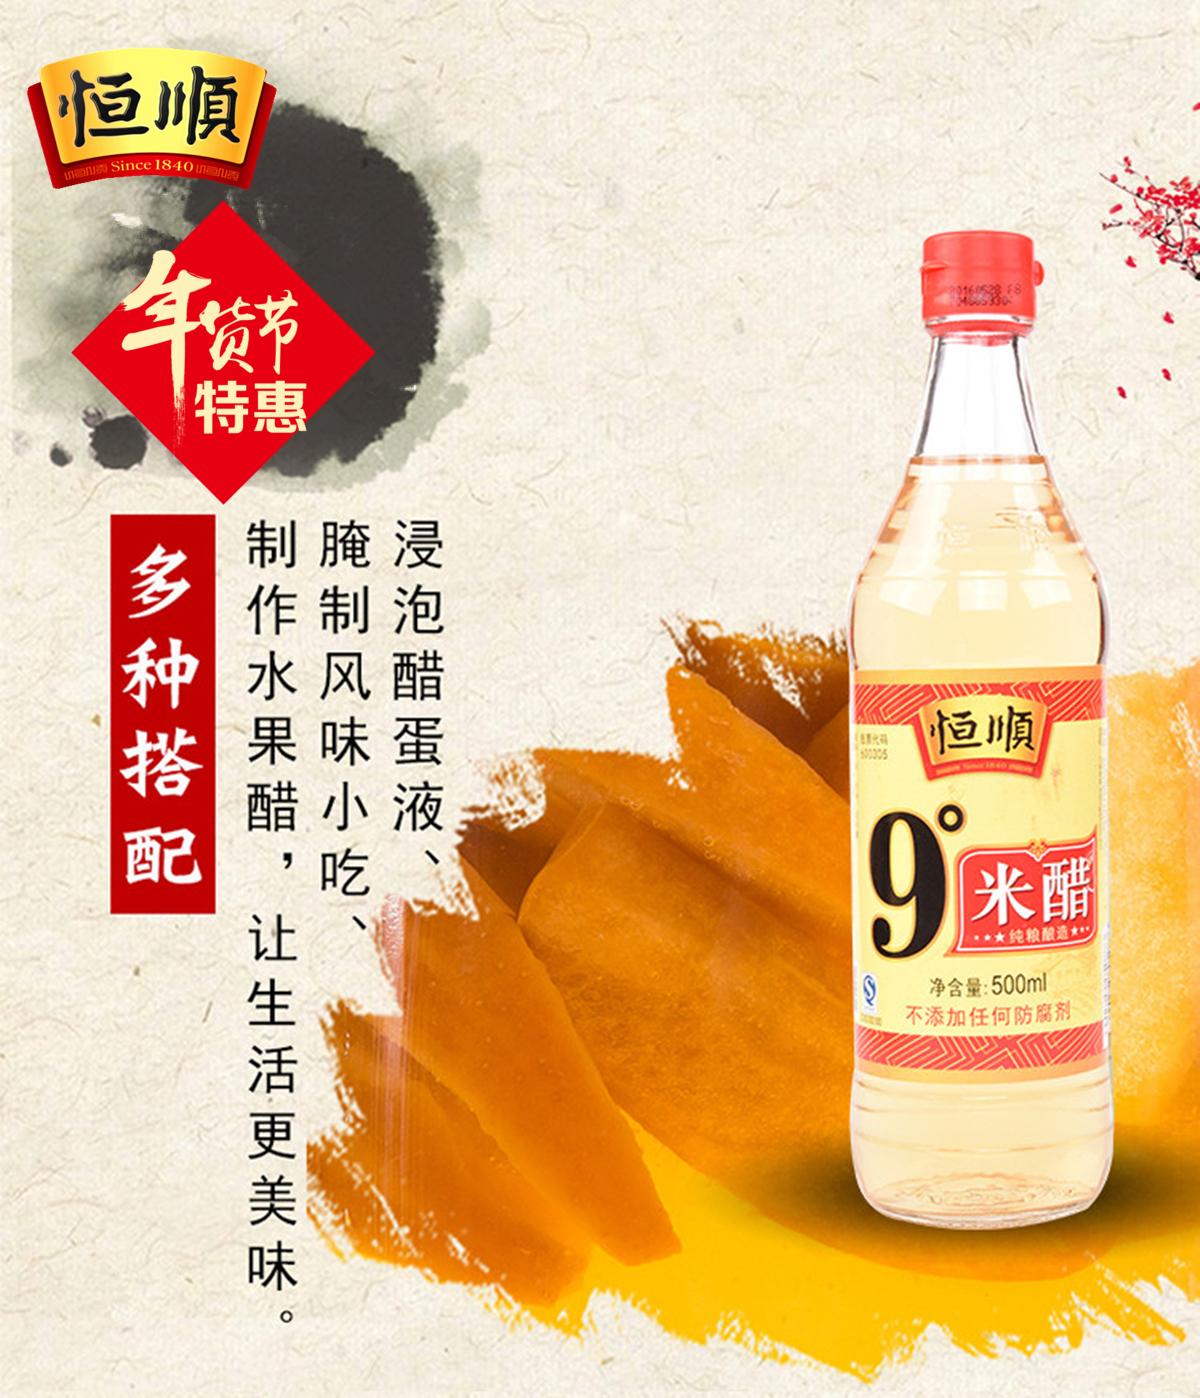 包邮醋镇江特产 恒顺9度米醋泡醋蛋液浸蛋米醋米白醋泡黑豆17年产